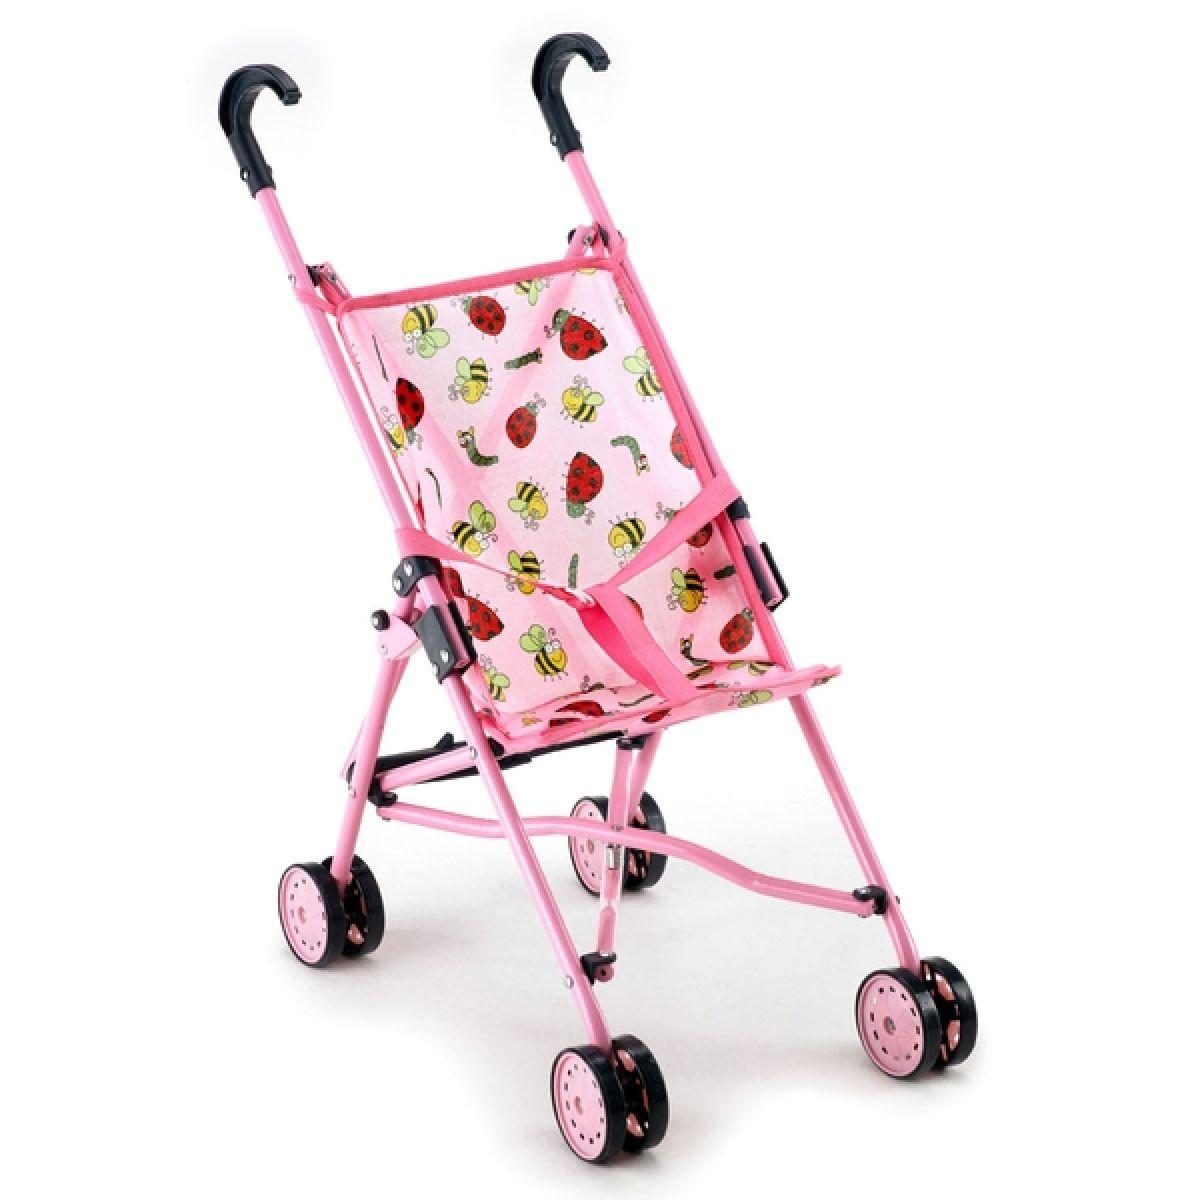 Bayer Chic Kočárek pro panenky Funny - růžová s beruškami